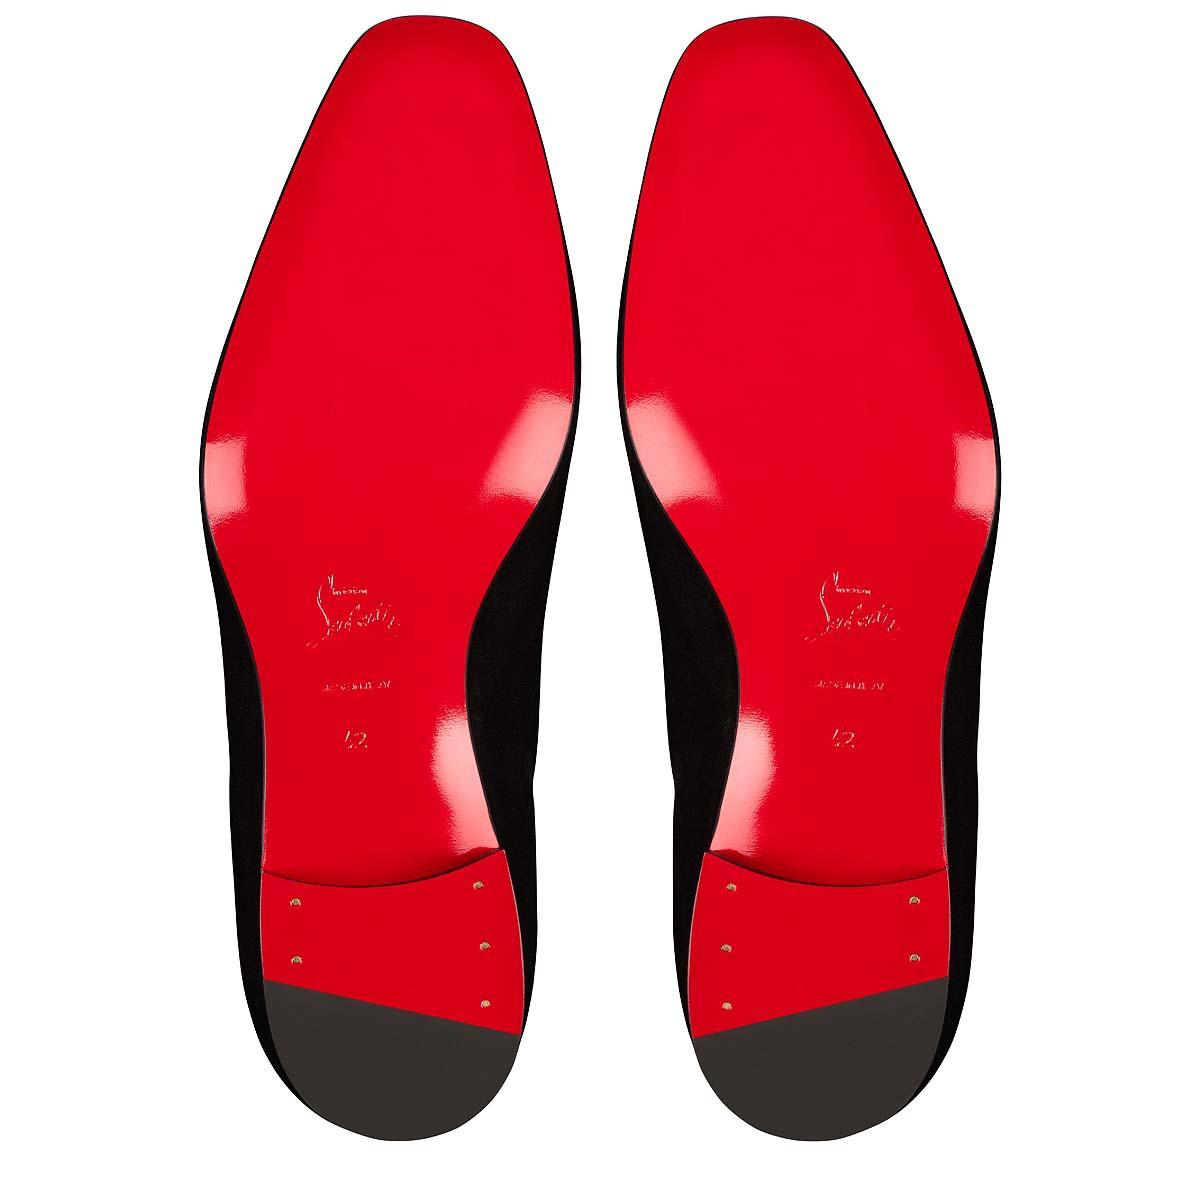 鞋履 - Lafitte - Christian Louboutin